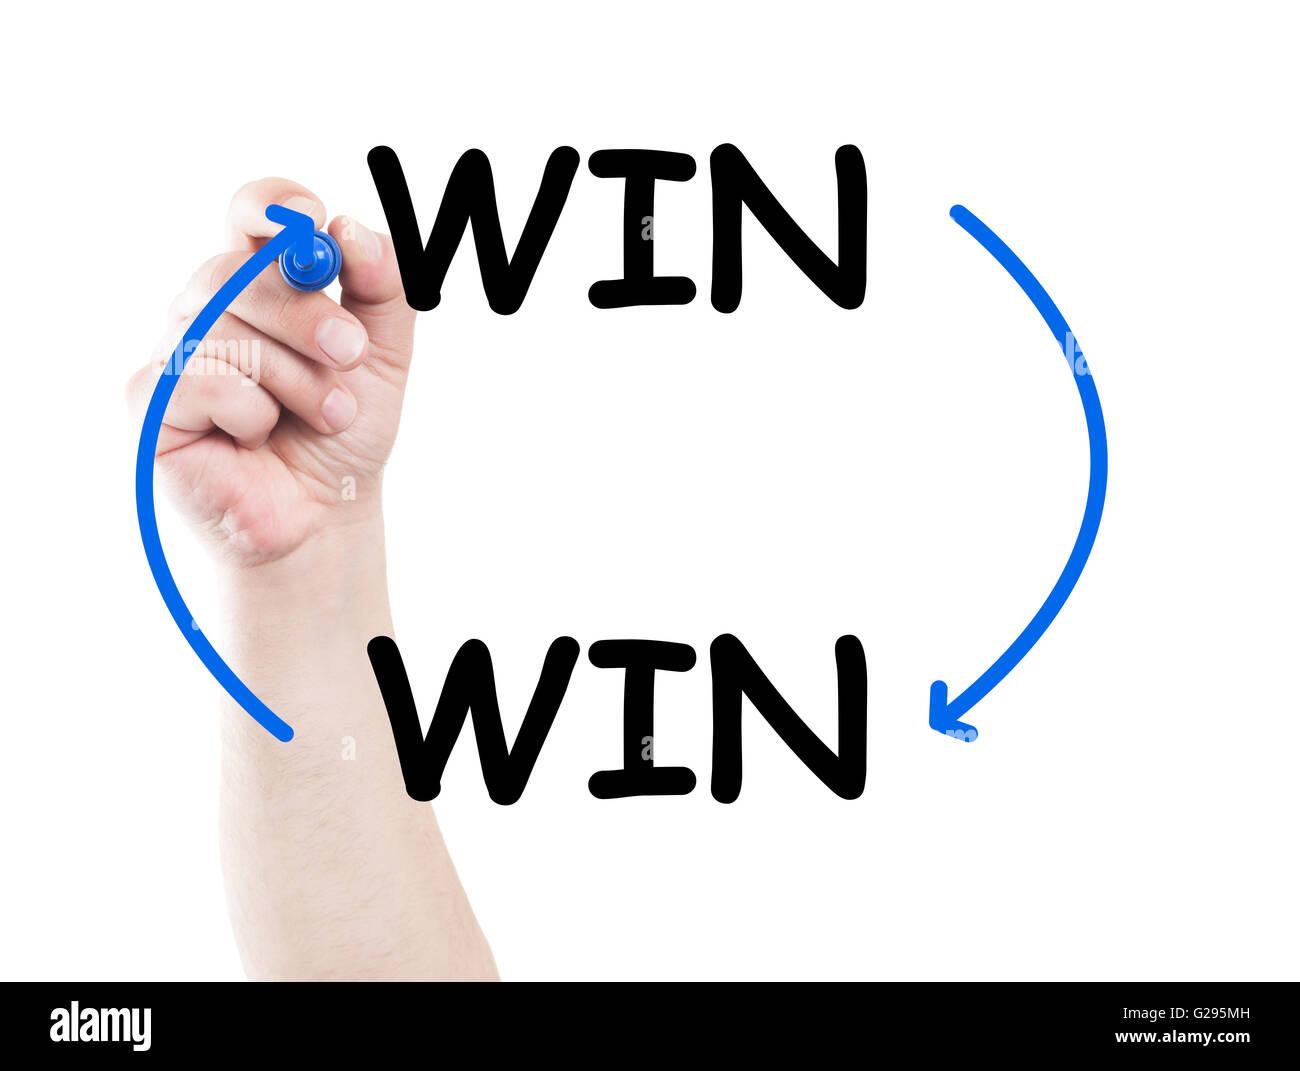 Win Win concetto di soluzione realizzata su trasparente pulire la scheda con una mano che tiene un marcatore Immagini Stock